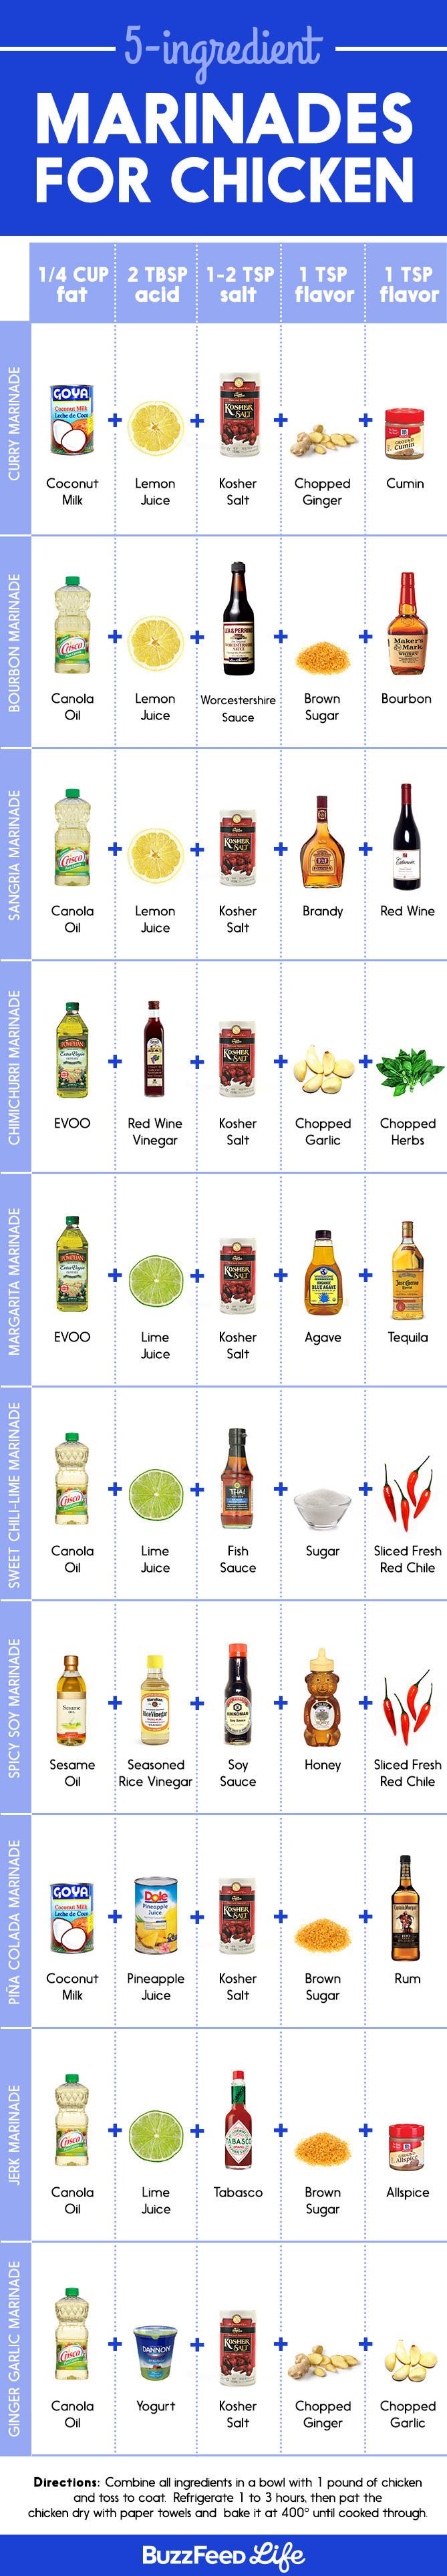 5 Ingredient Marinades for Chicken